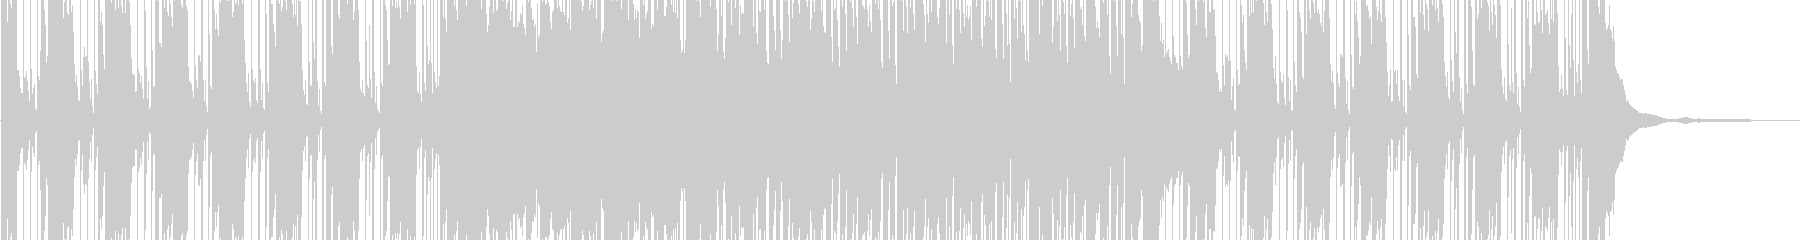 クールなダンスロックチューンの未再生の波形